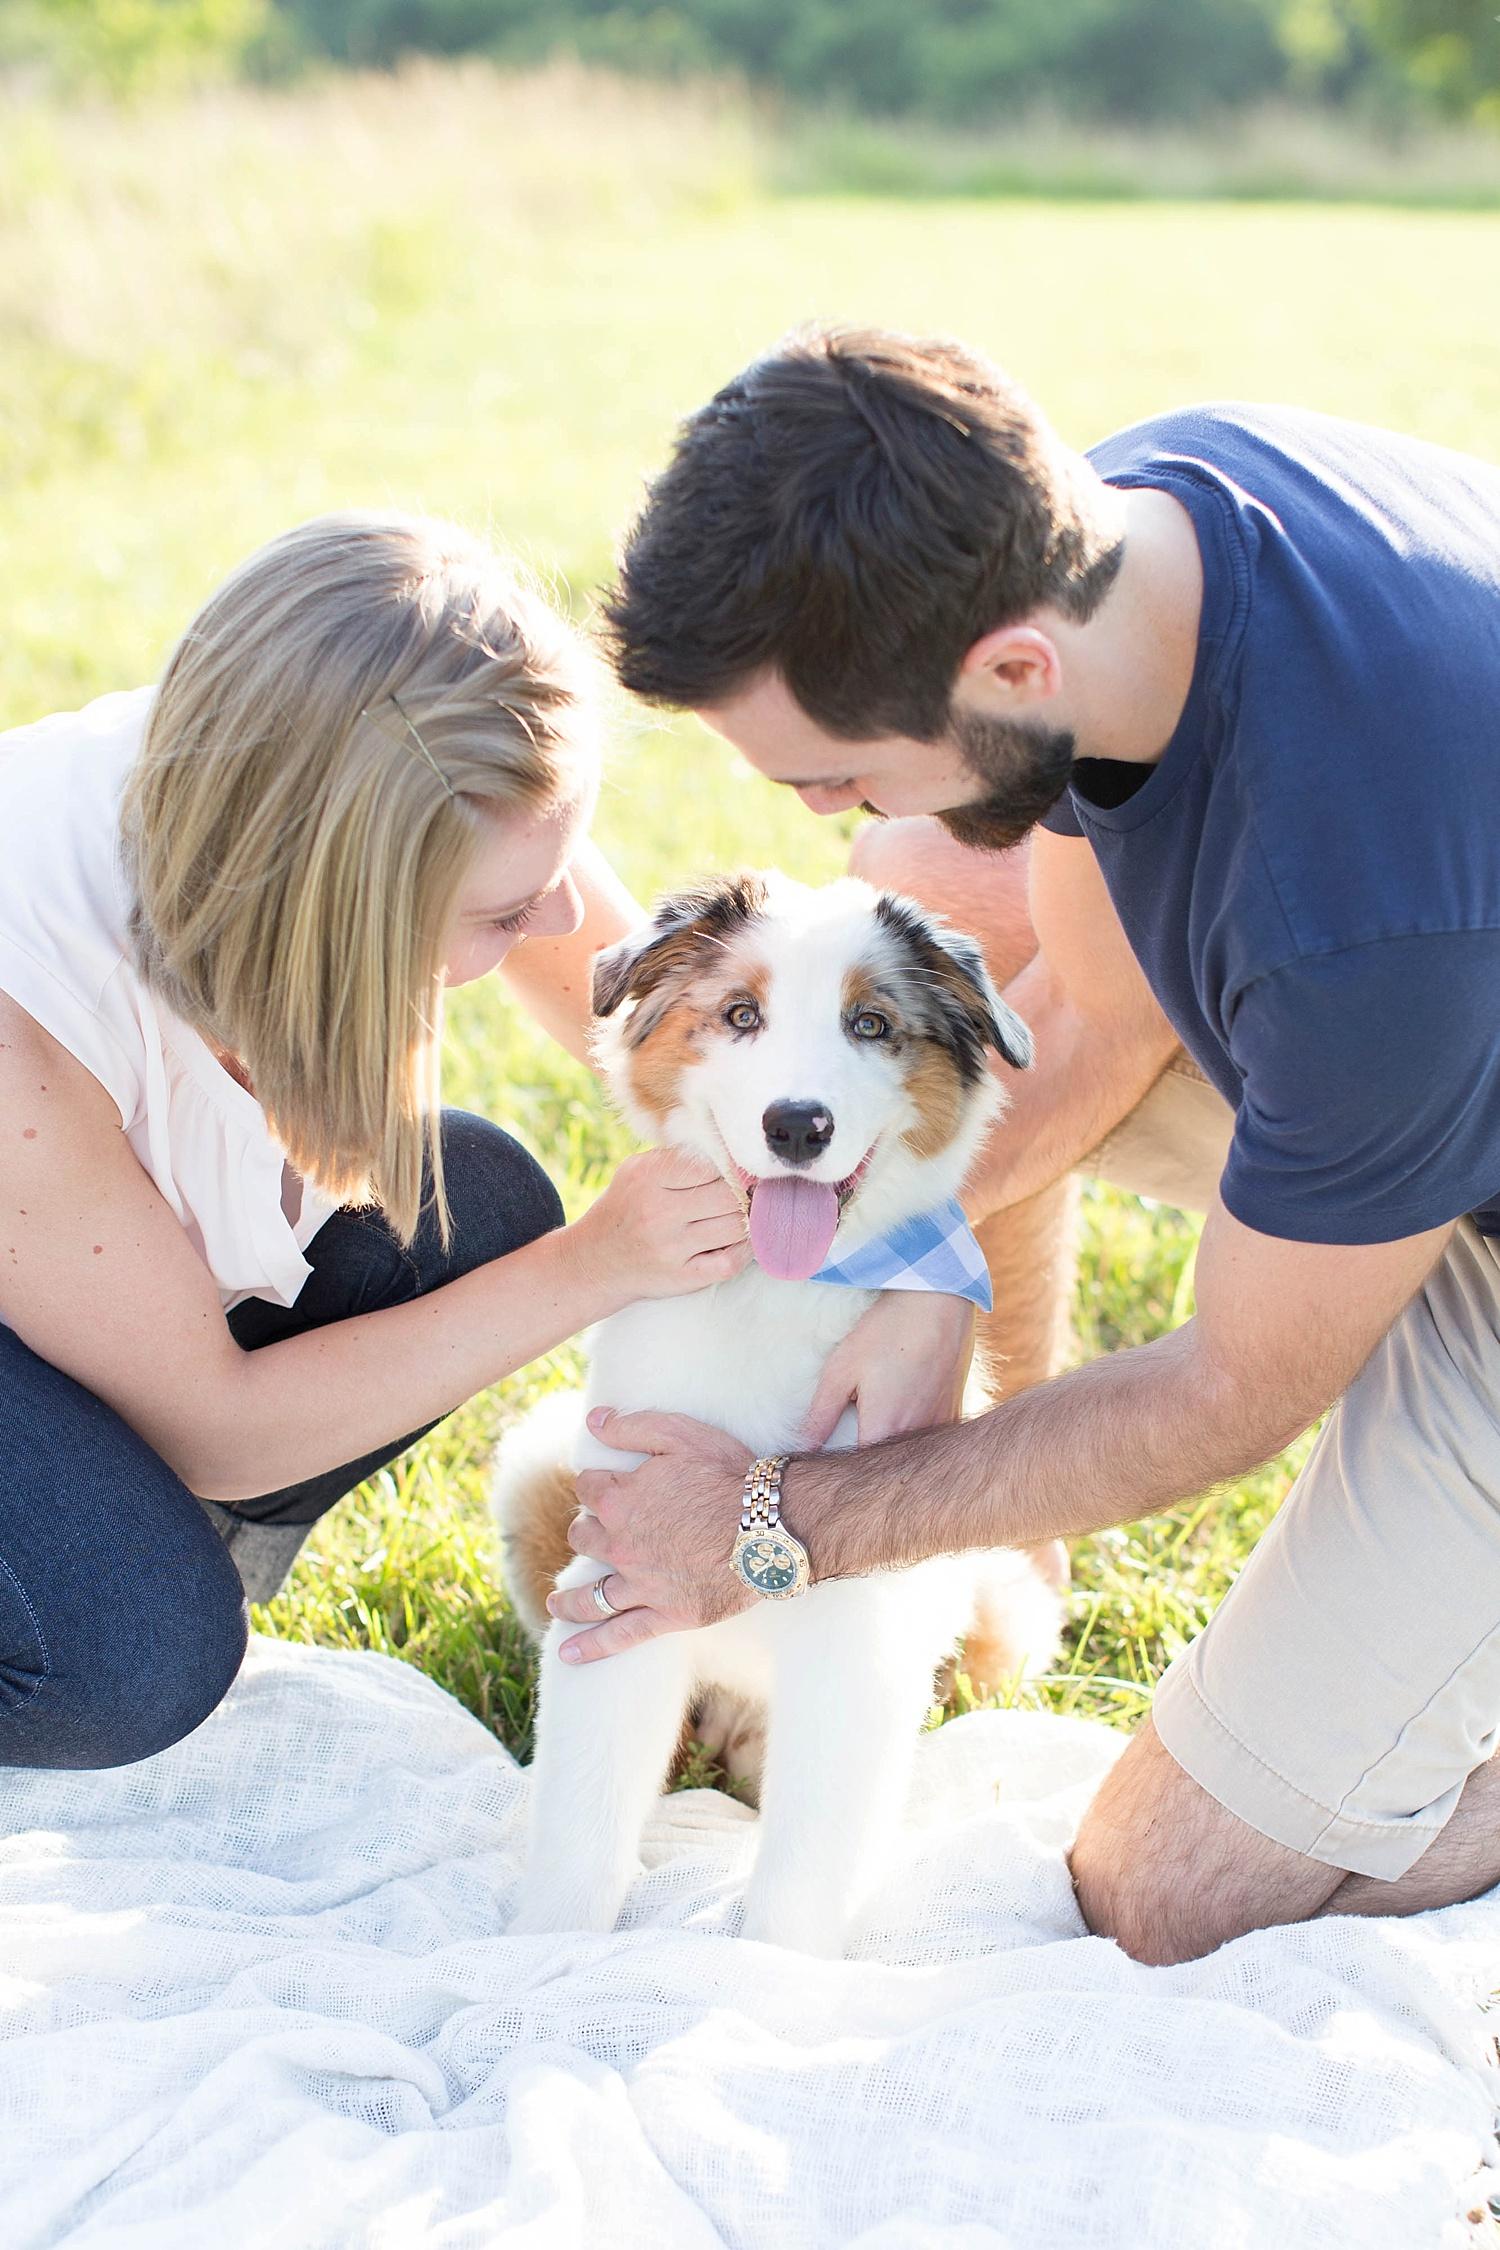 New Puppy Session   Ashley Powell Photography   Roanoke, VA